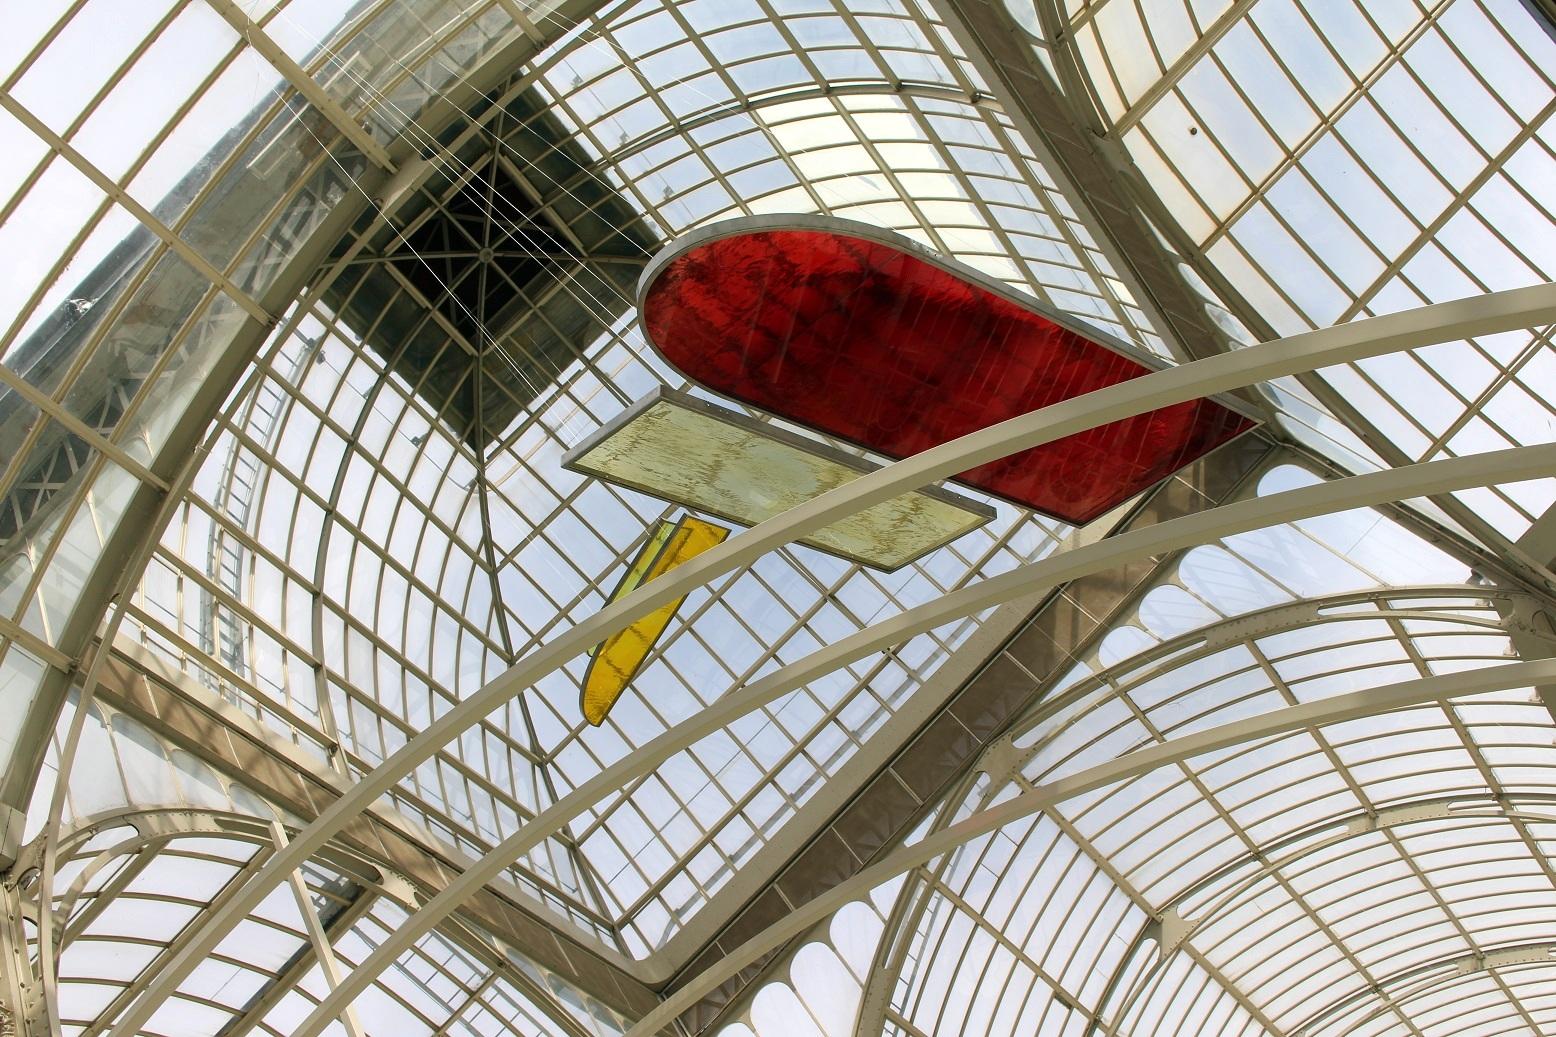 Rosa Barba, Registros de tránsito solar. Palacio de Cristal, Museo Nacional Centro de Arte Reina Sofía. Foto: Luis Martín.